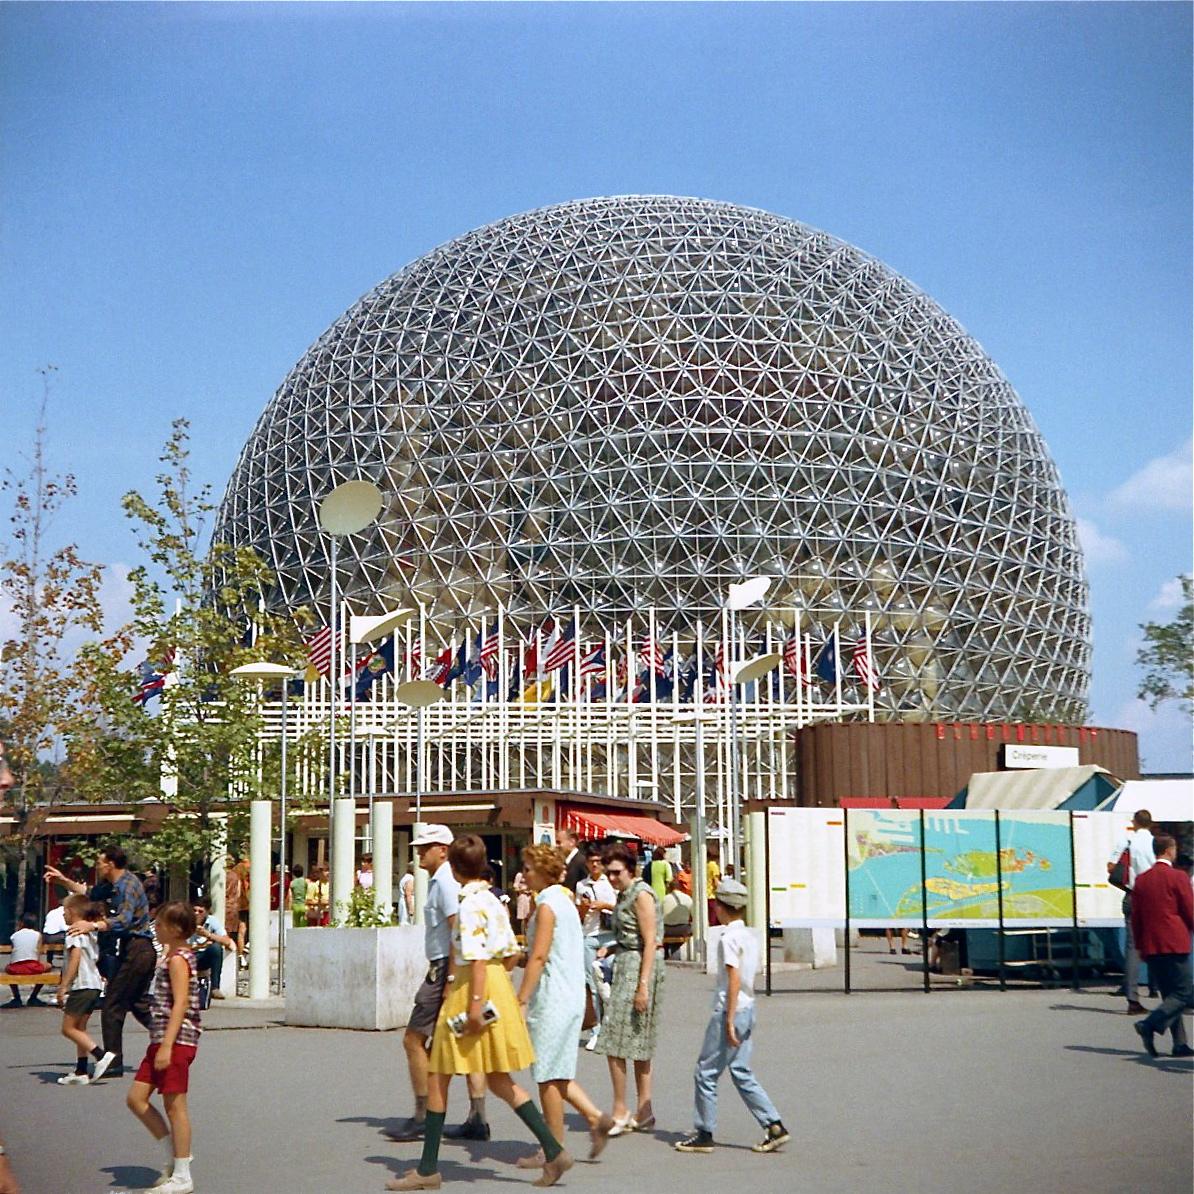 Vue extérieure sur le pavillon des États-Unis avec son environnement et des gens qui se promènent